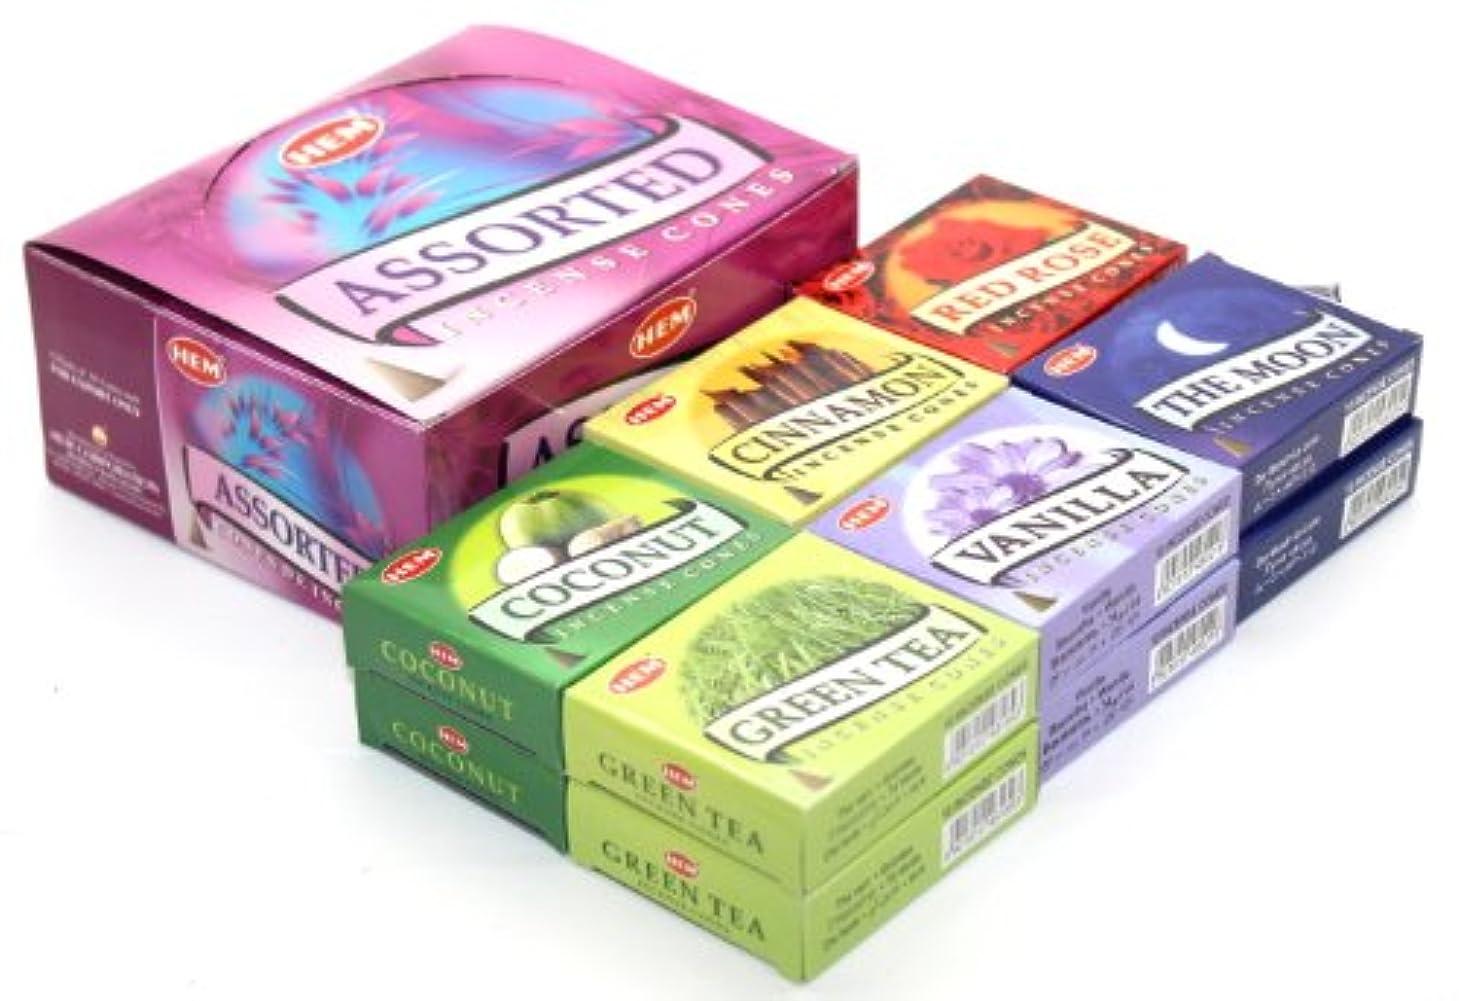 輝度守銭奴エールHEM Assorted Incense Cones - 12 Packs of 10 Cones Each - With 6 Different Scents: Vanilla, Cinnamon, The Moon,...